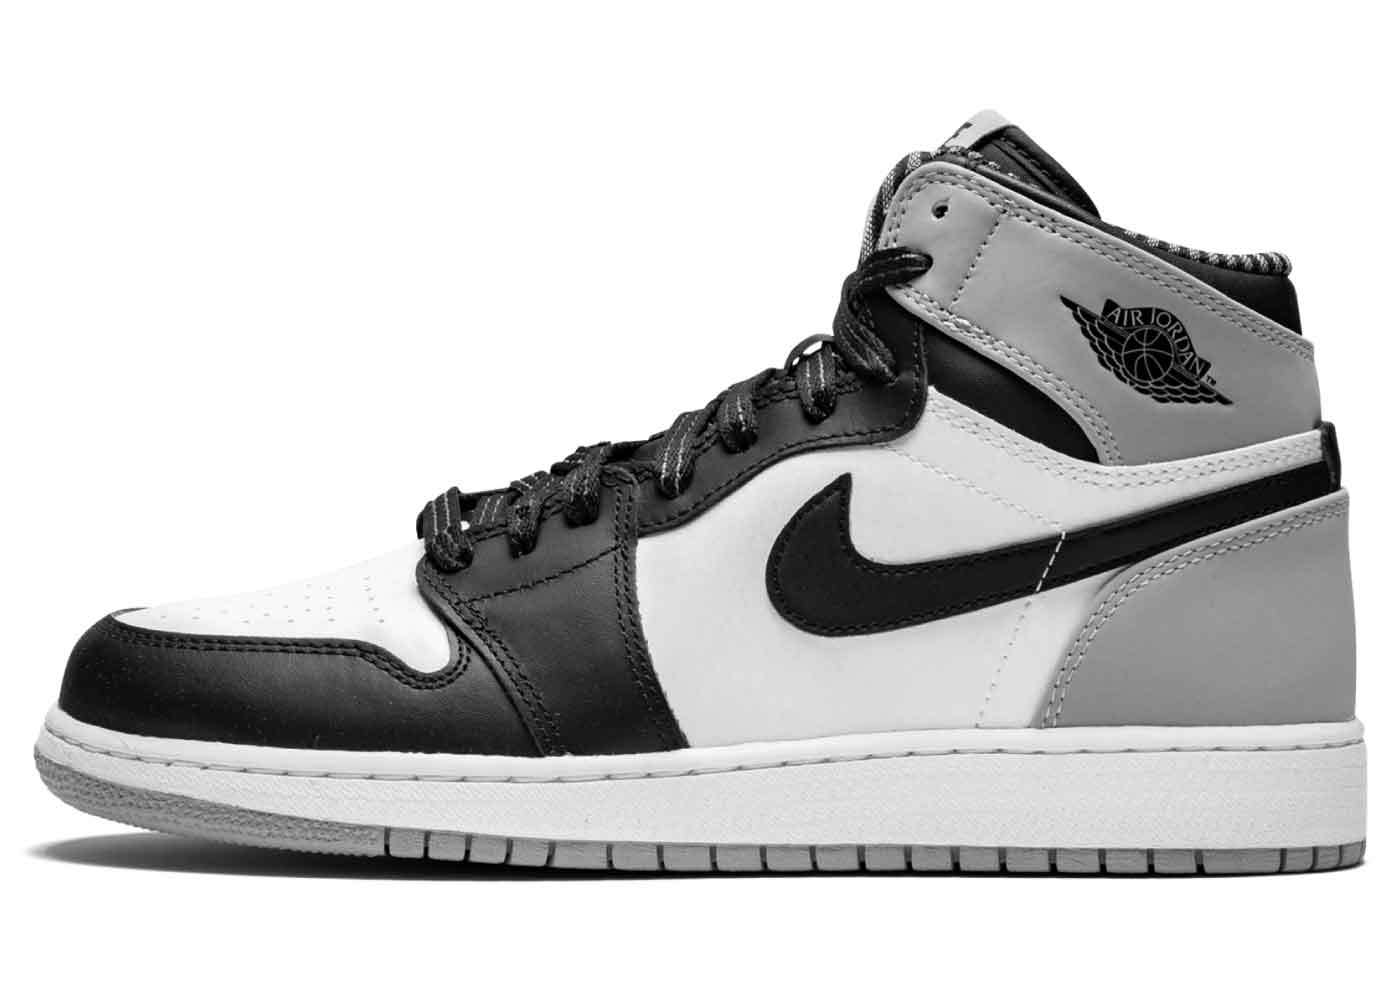 Nike Air Jordan 1 Retro Baronsの写真